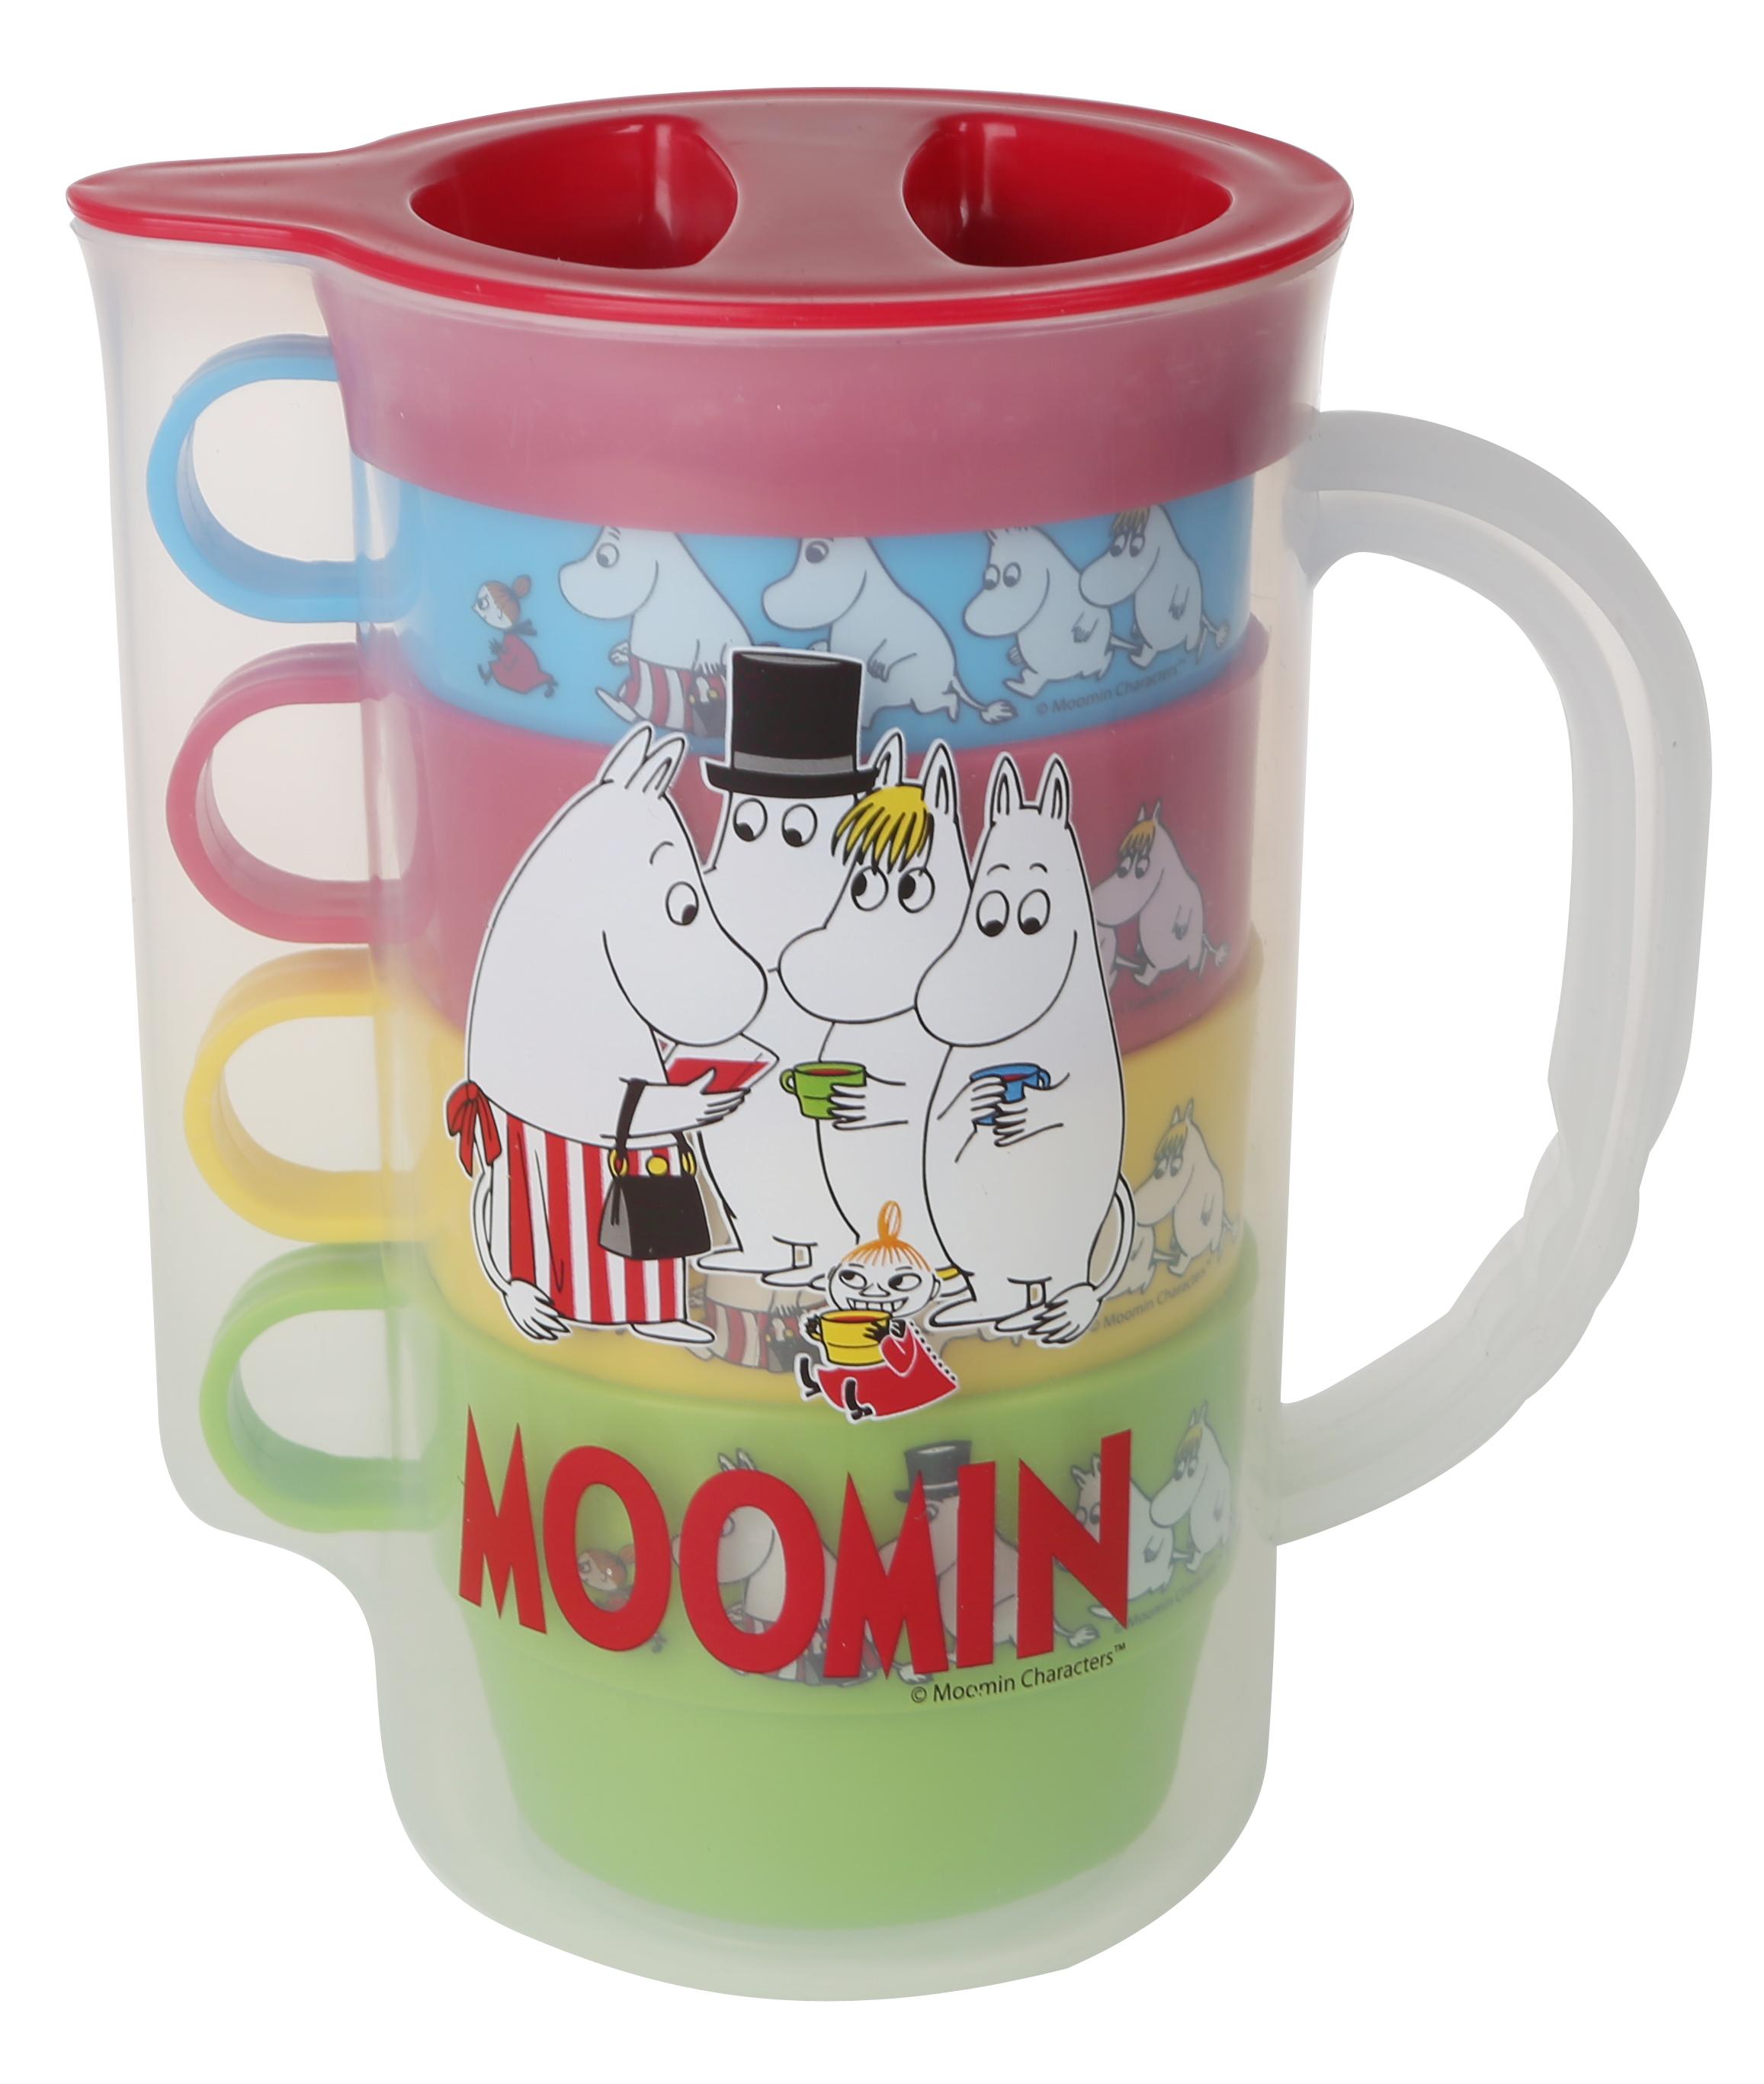 Martinex Moomin Picknick jug and 4 cups